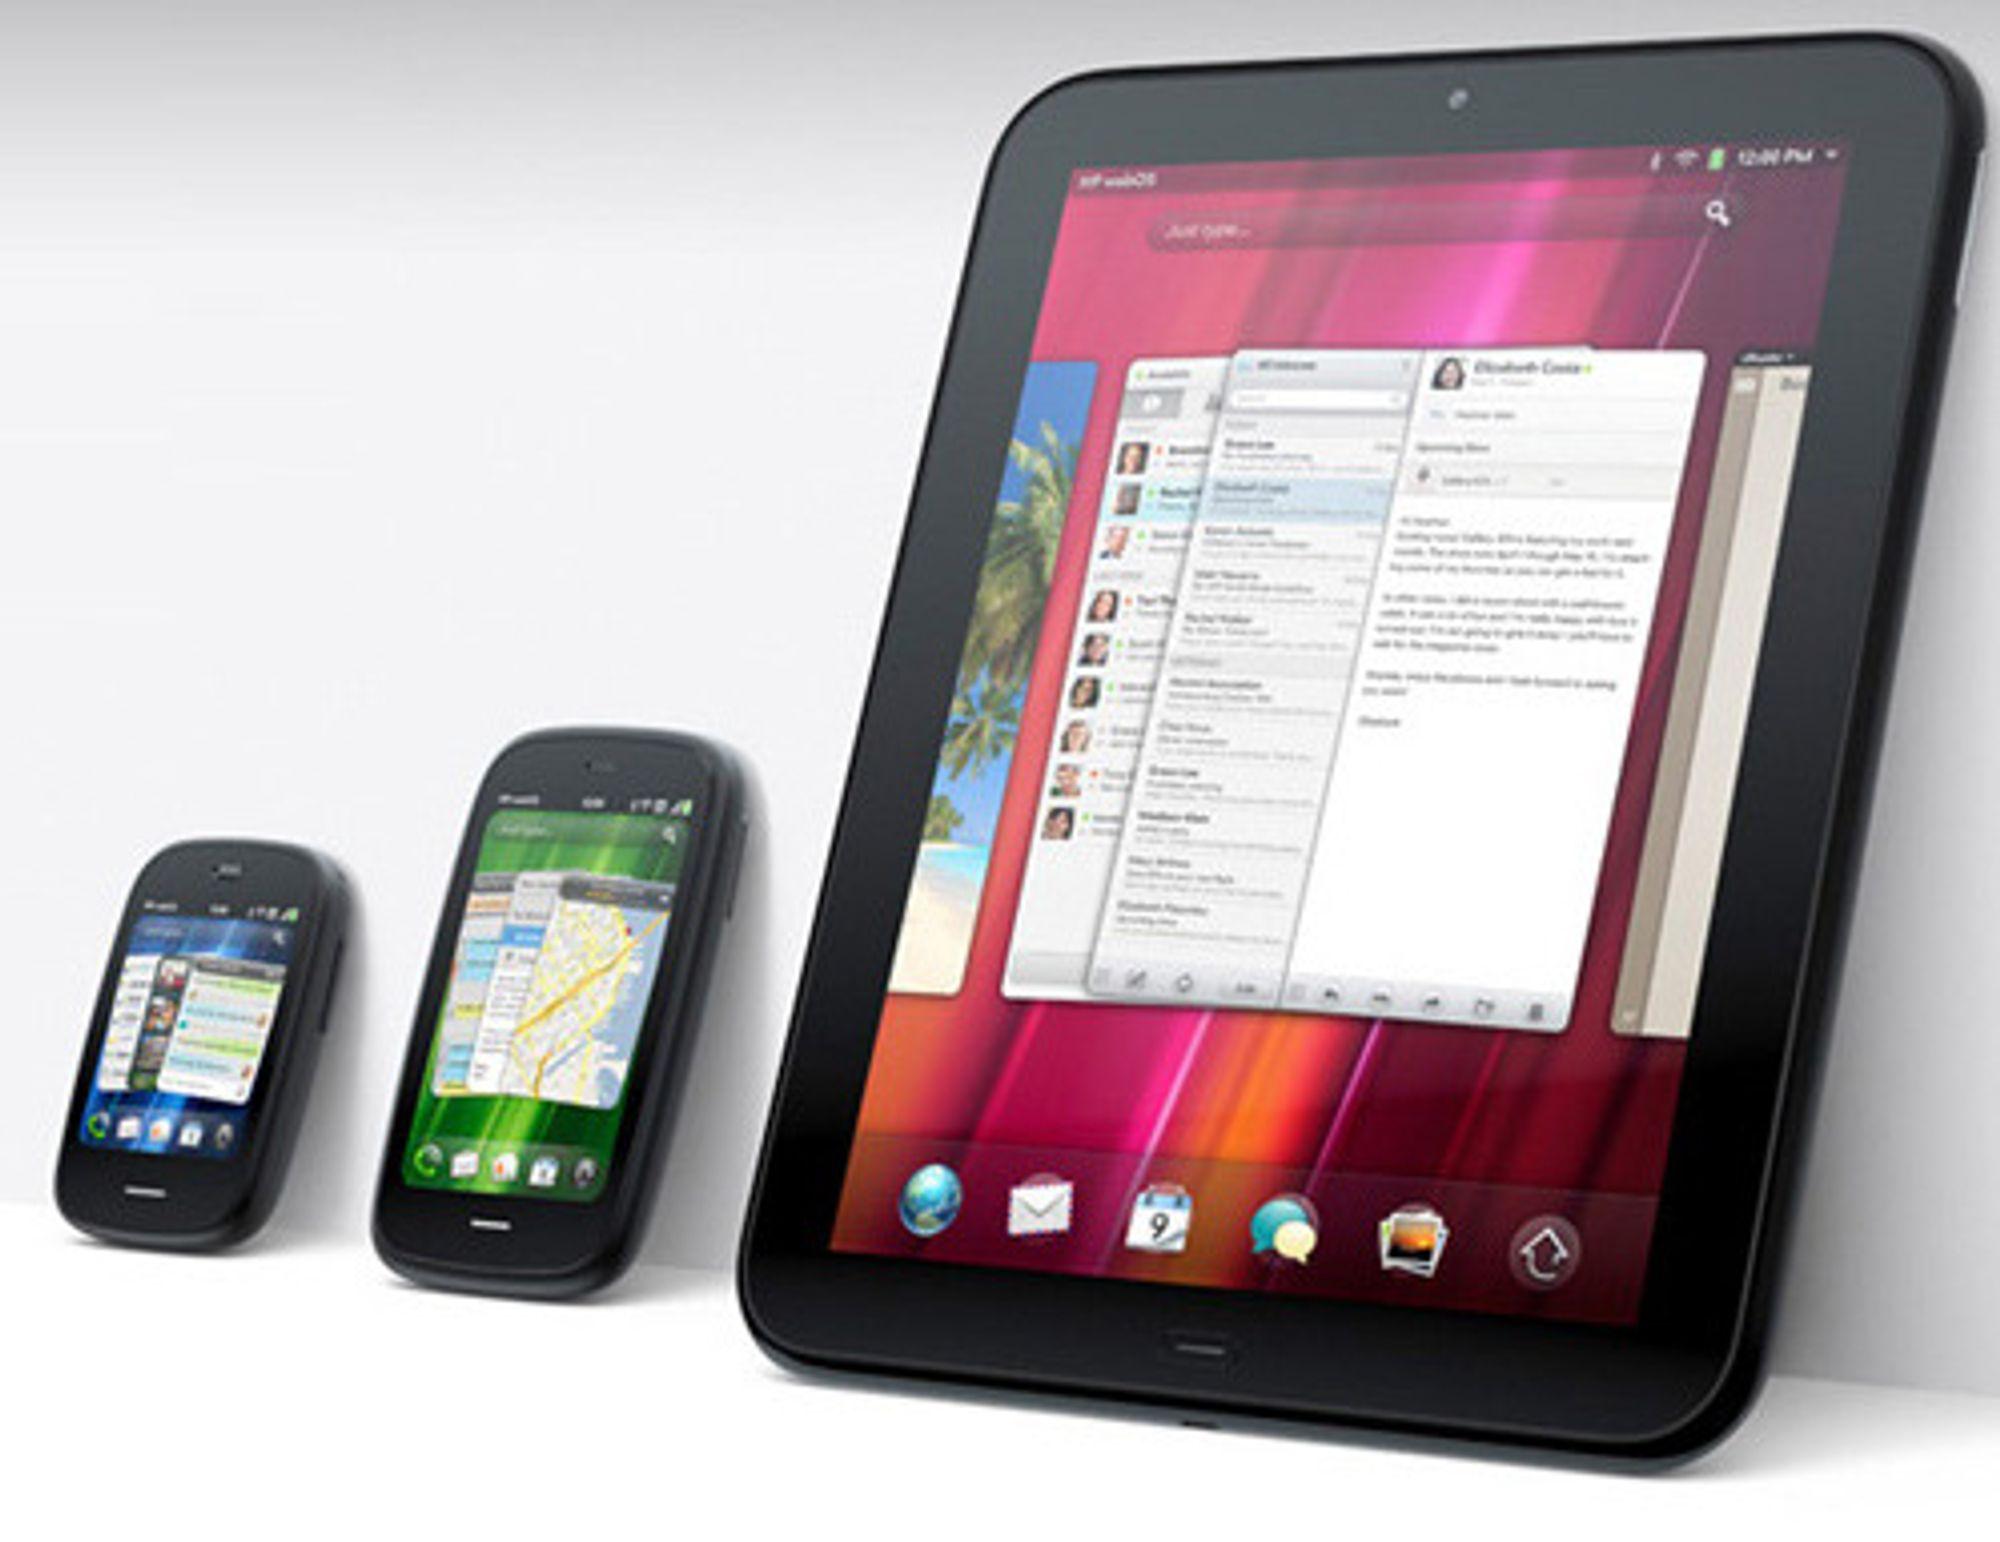 HPs nye WebOS-enheter: Veer, Pre3 og TouchPad.